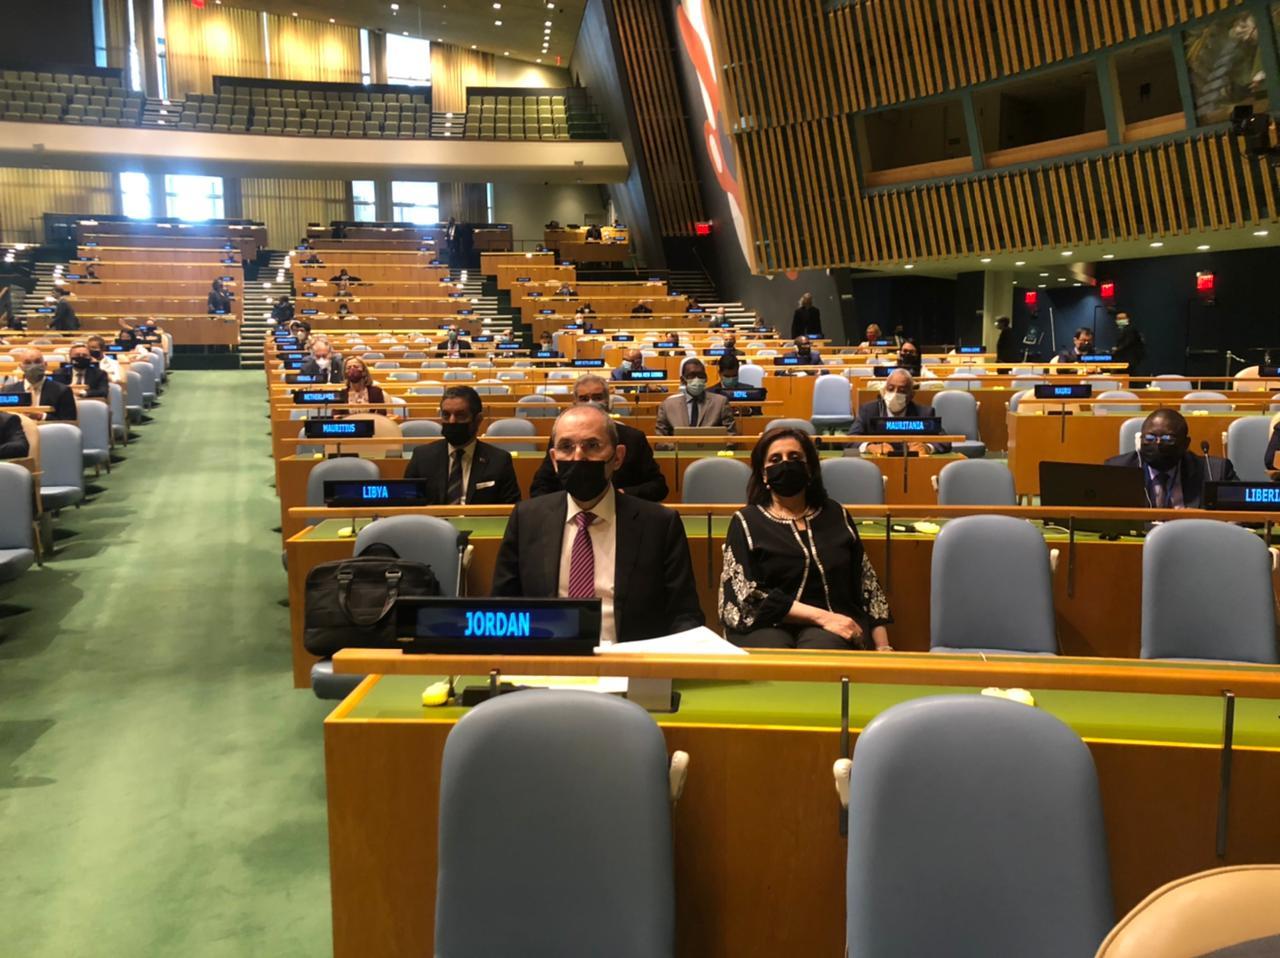 الإمارات تتغيب عن اجتماع الجمعية العامة للأمم المتحدة لبحث ما يجري في فلسطين